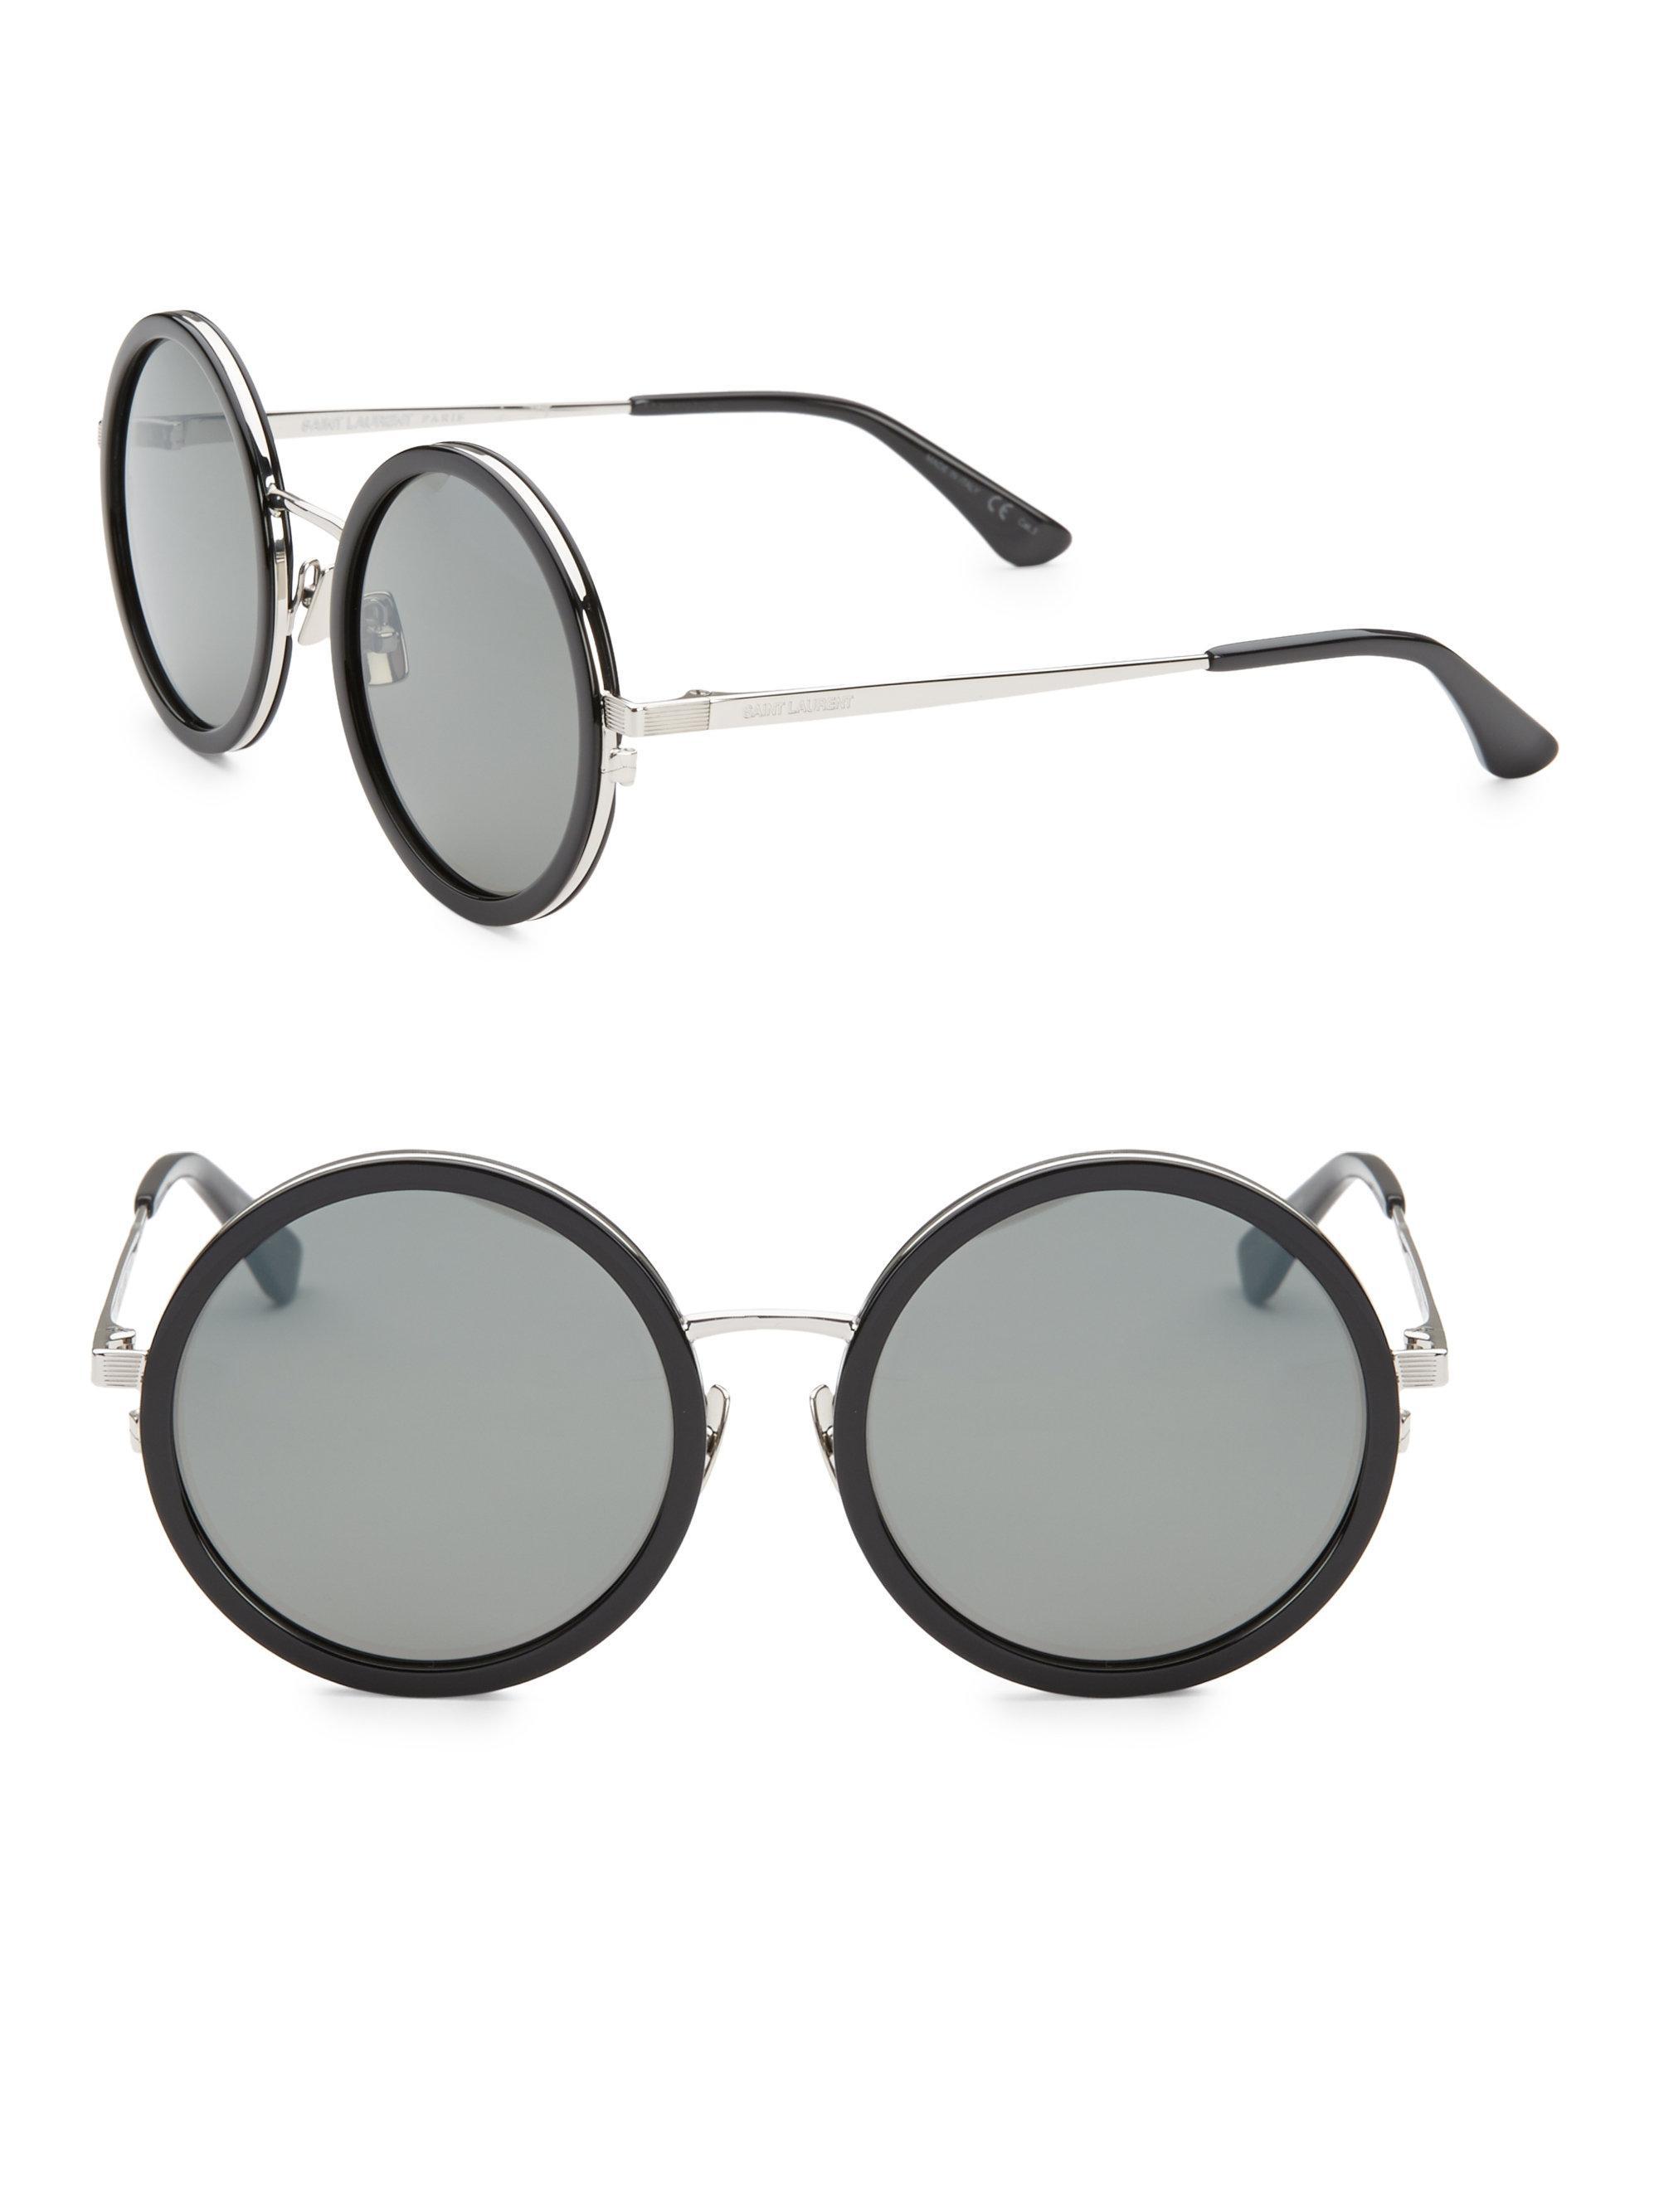 4c48d5c5c9 Saint Laurent 136 Zero 52mm Round Sunglasses in Black - Save 9% - Lyst